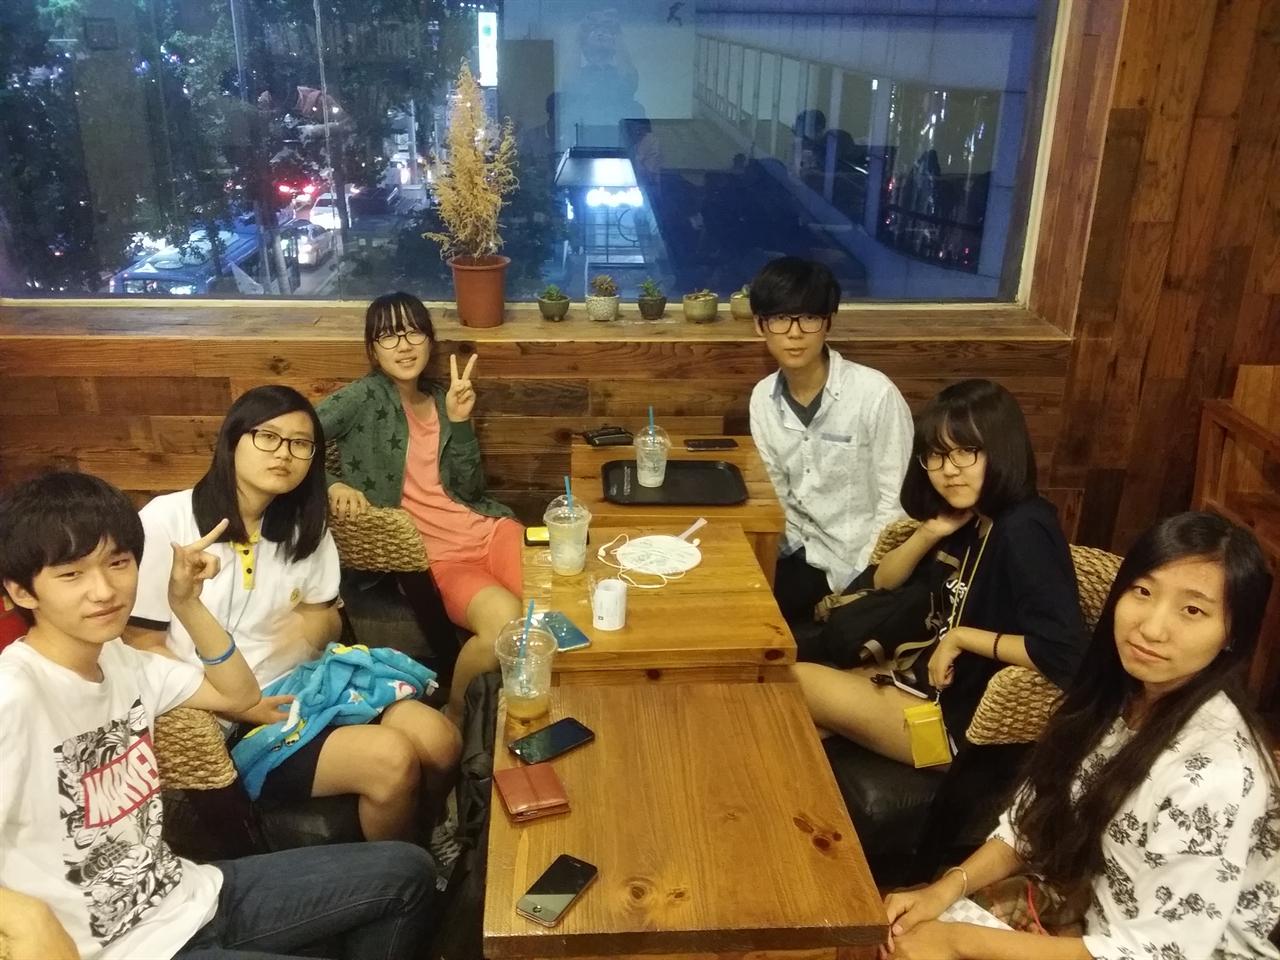 갈월동의 한 카페에서 모인 '아까그팀'의 팀원들